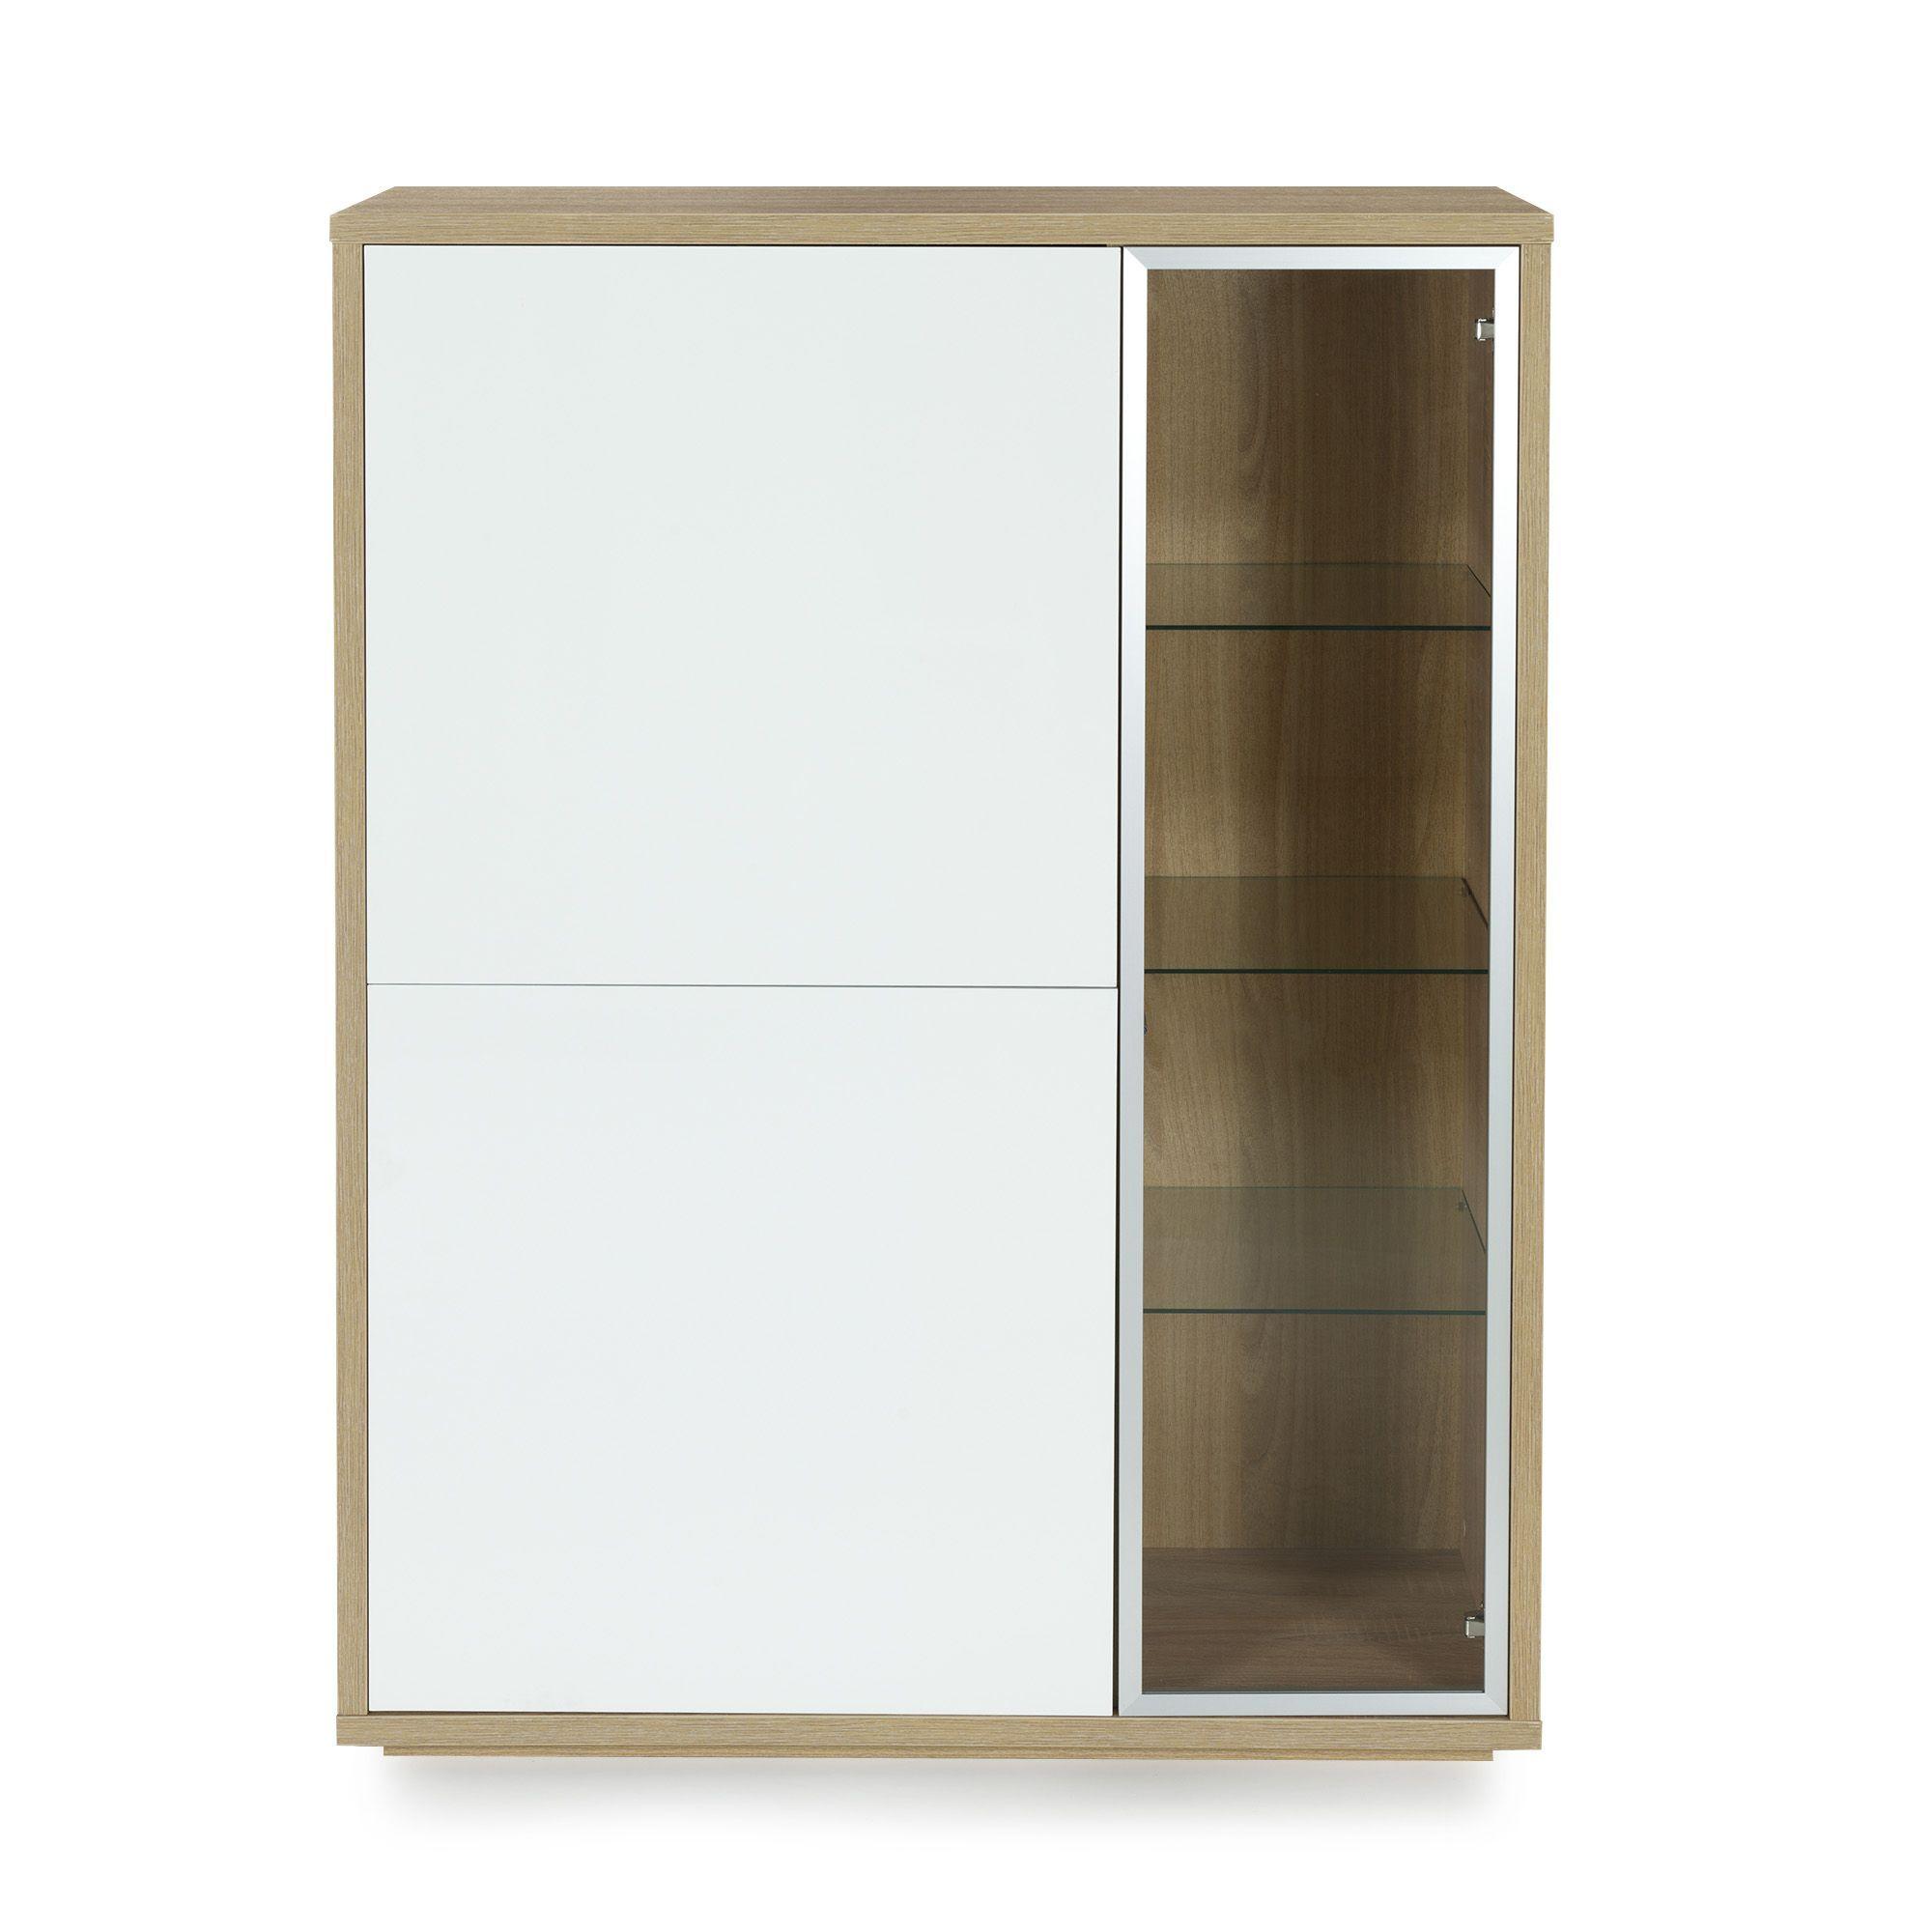 Meuble Vitrine 3 Portes Design Scandinave Imitation Ch Ne Blanc  # Vitrine Meuble Blanc